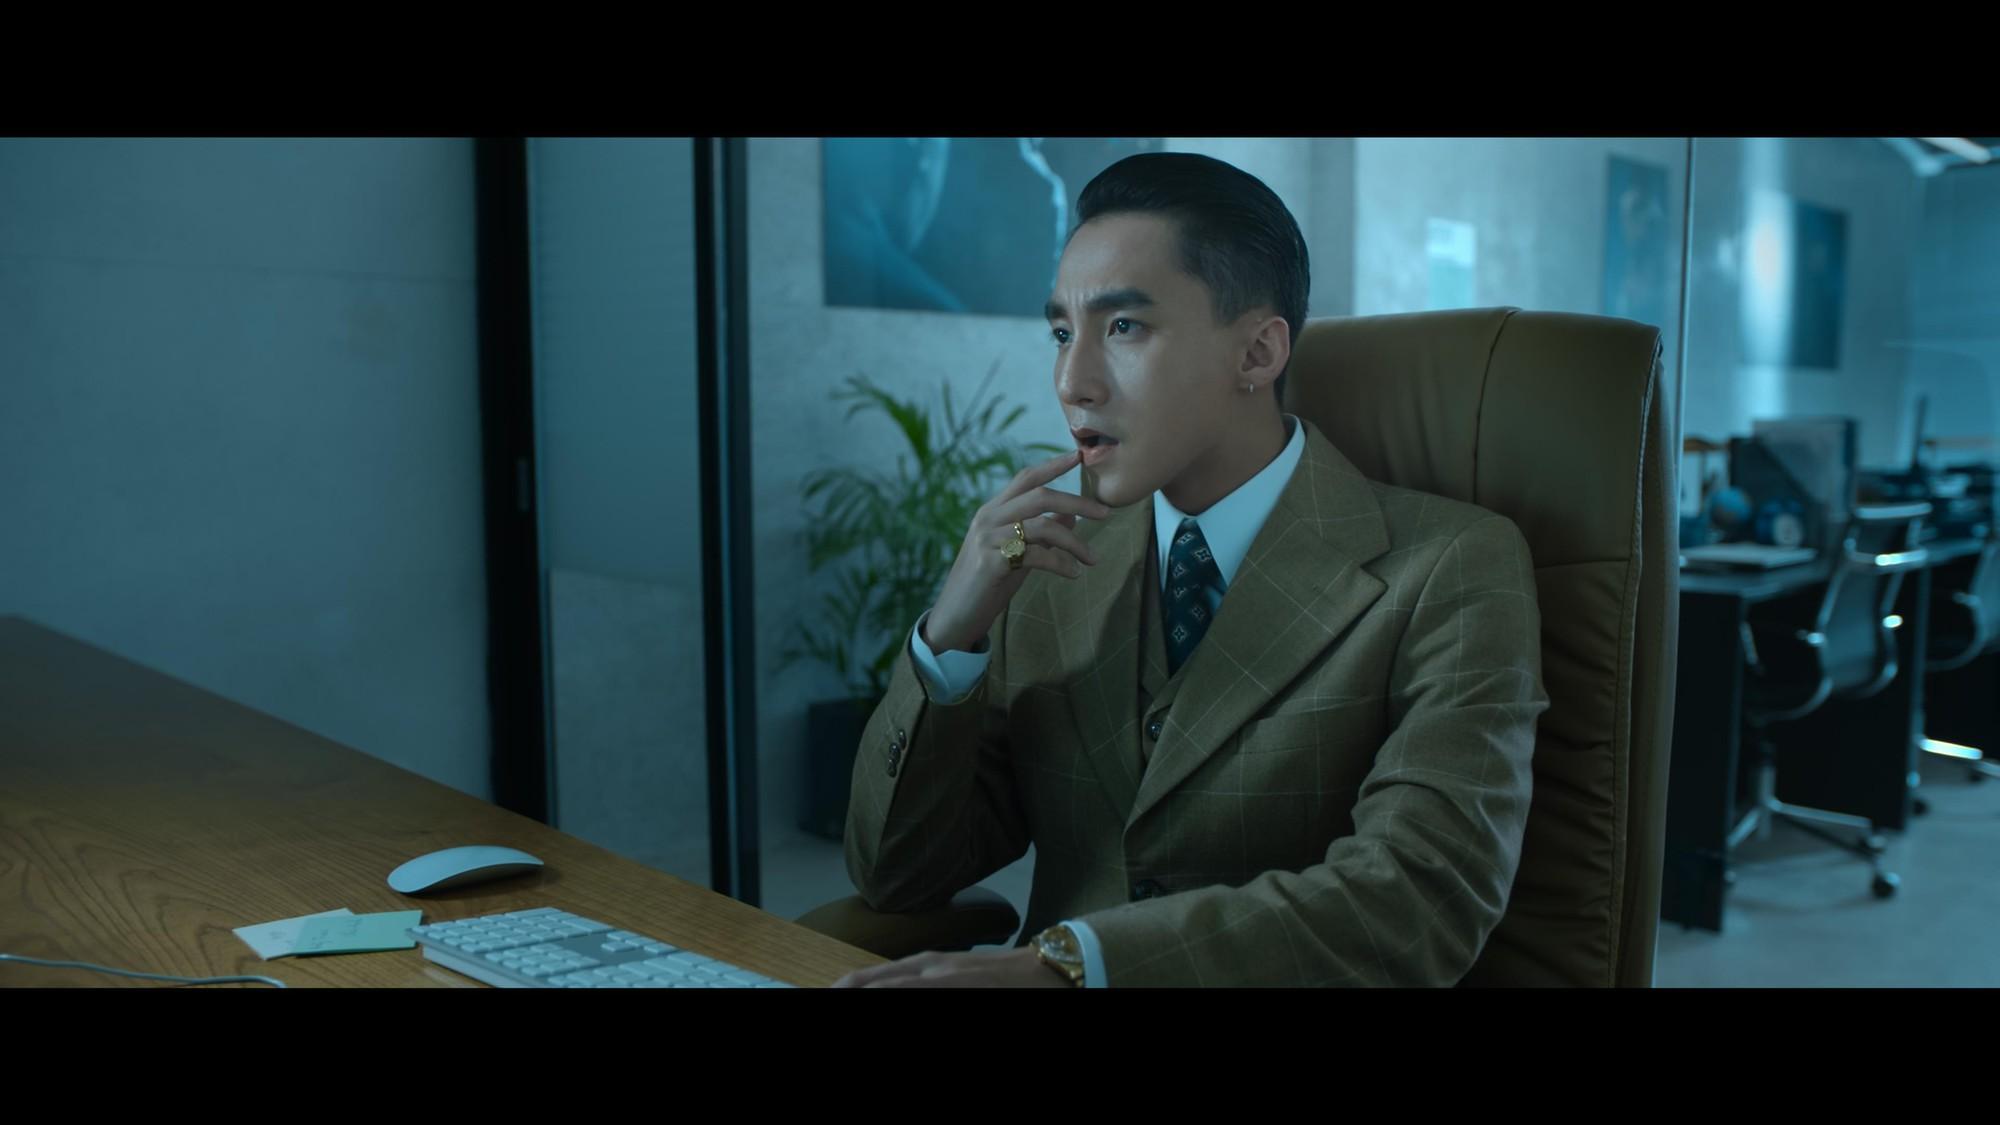 """Sơn Tùng M-TP mang hình ảnh """"Chủ tịch"""" xuất hiện trong đoạn video bí ẩn - Ảnh 1."""